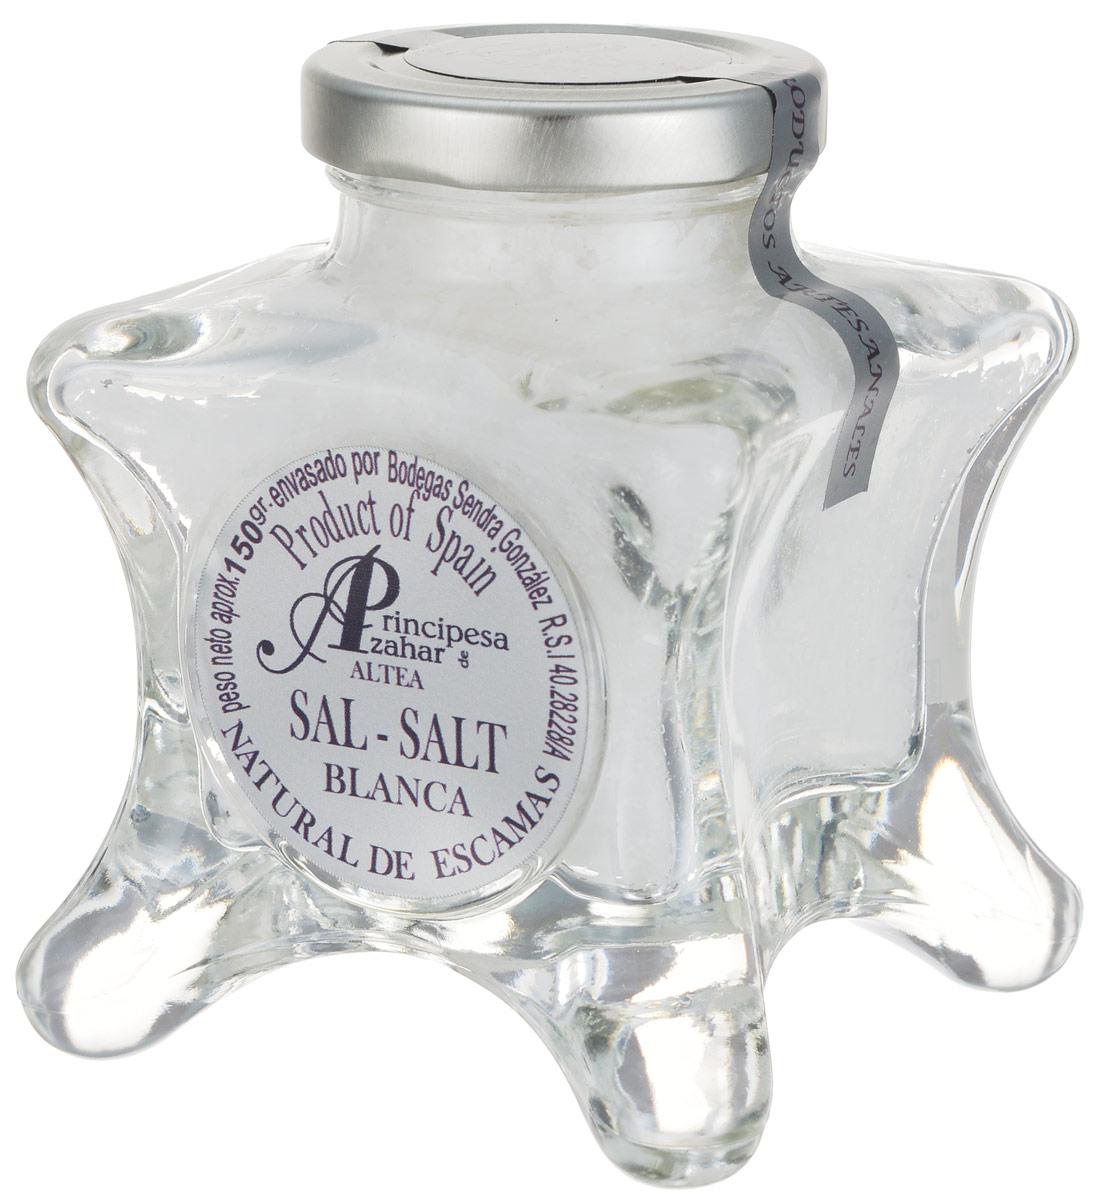 Principe de Azahar морская пищевая соль, 150 г8436531342838Пищевая натуральная морская соль Principe de Azahar от фермера Sendra Gonzalez - это продукт для гурманов, а также любителей кулинарии с воображением. Морская соль полезнее обычной поваренной, так как содержит высокую концентрацию магния и других полезных веществ. Размер кристаллов составляет 4-12 мм.